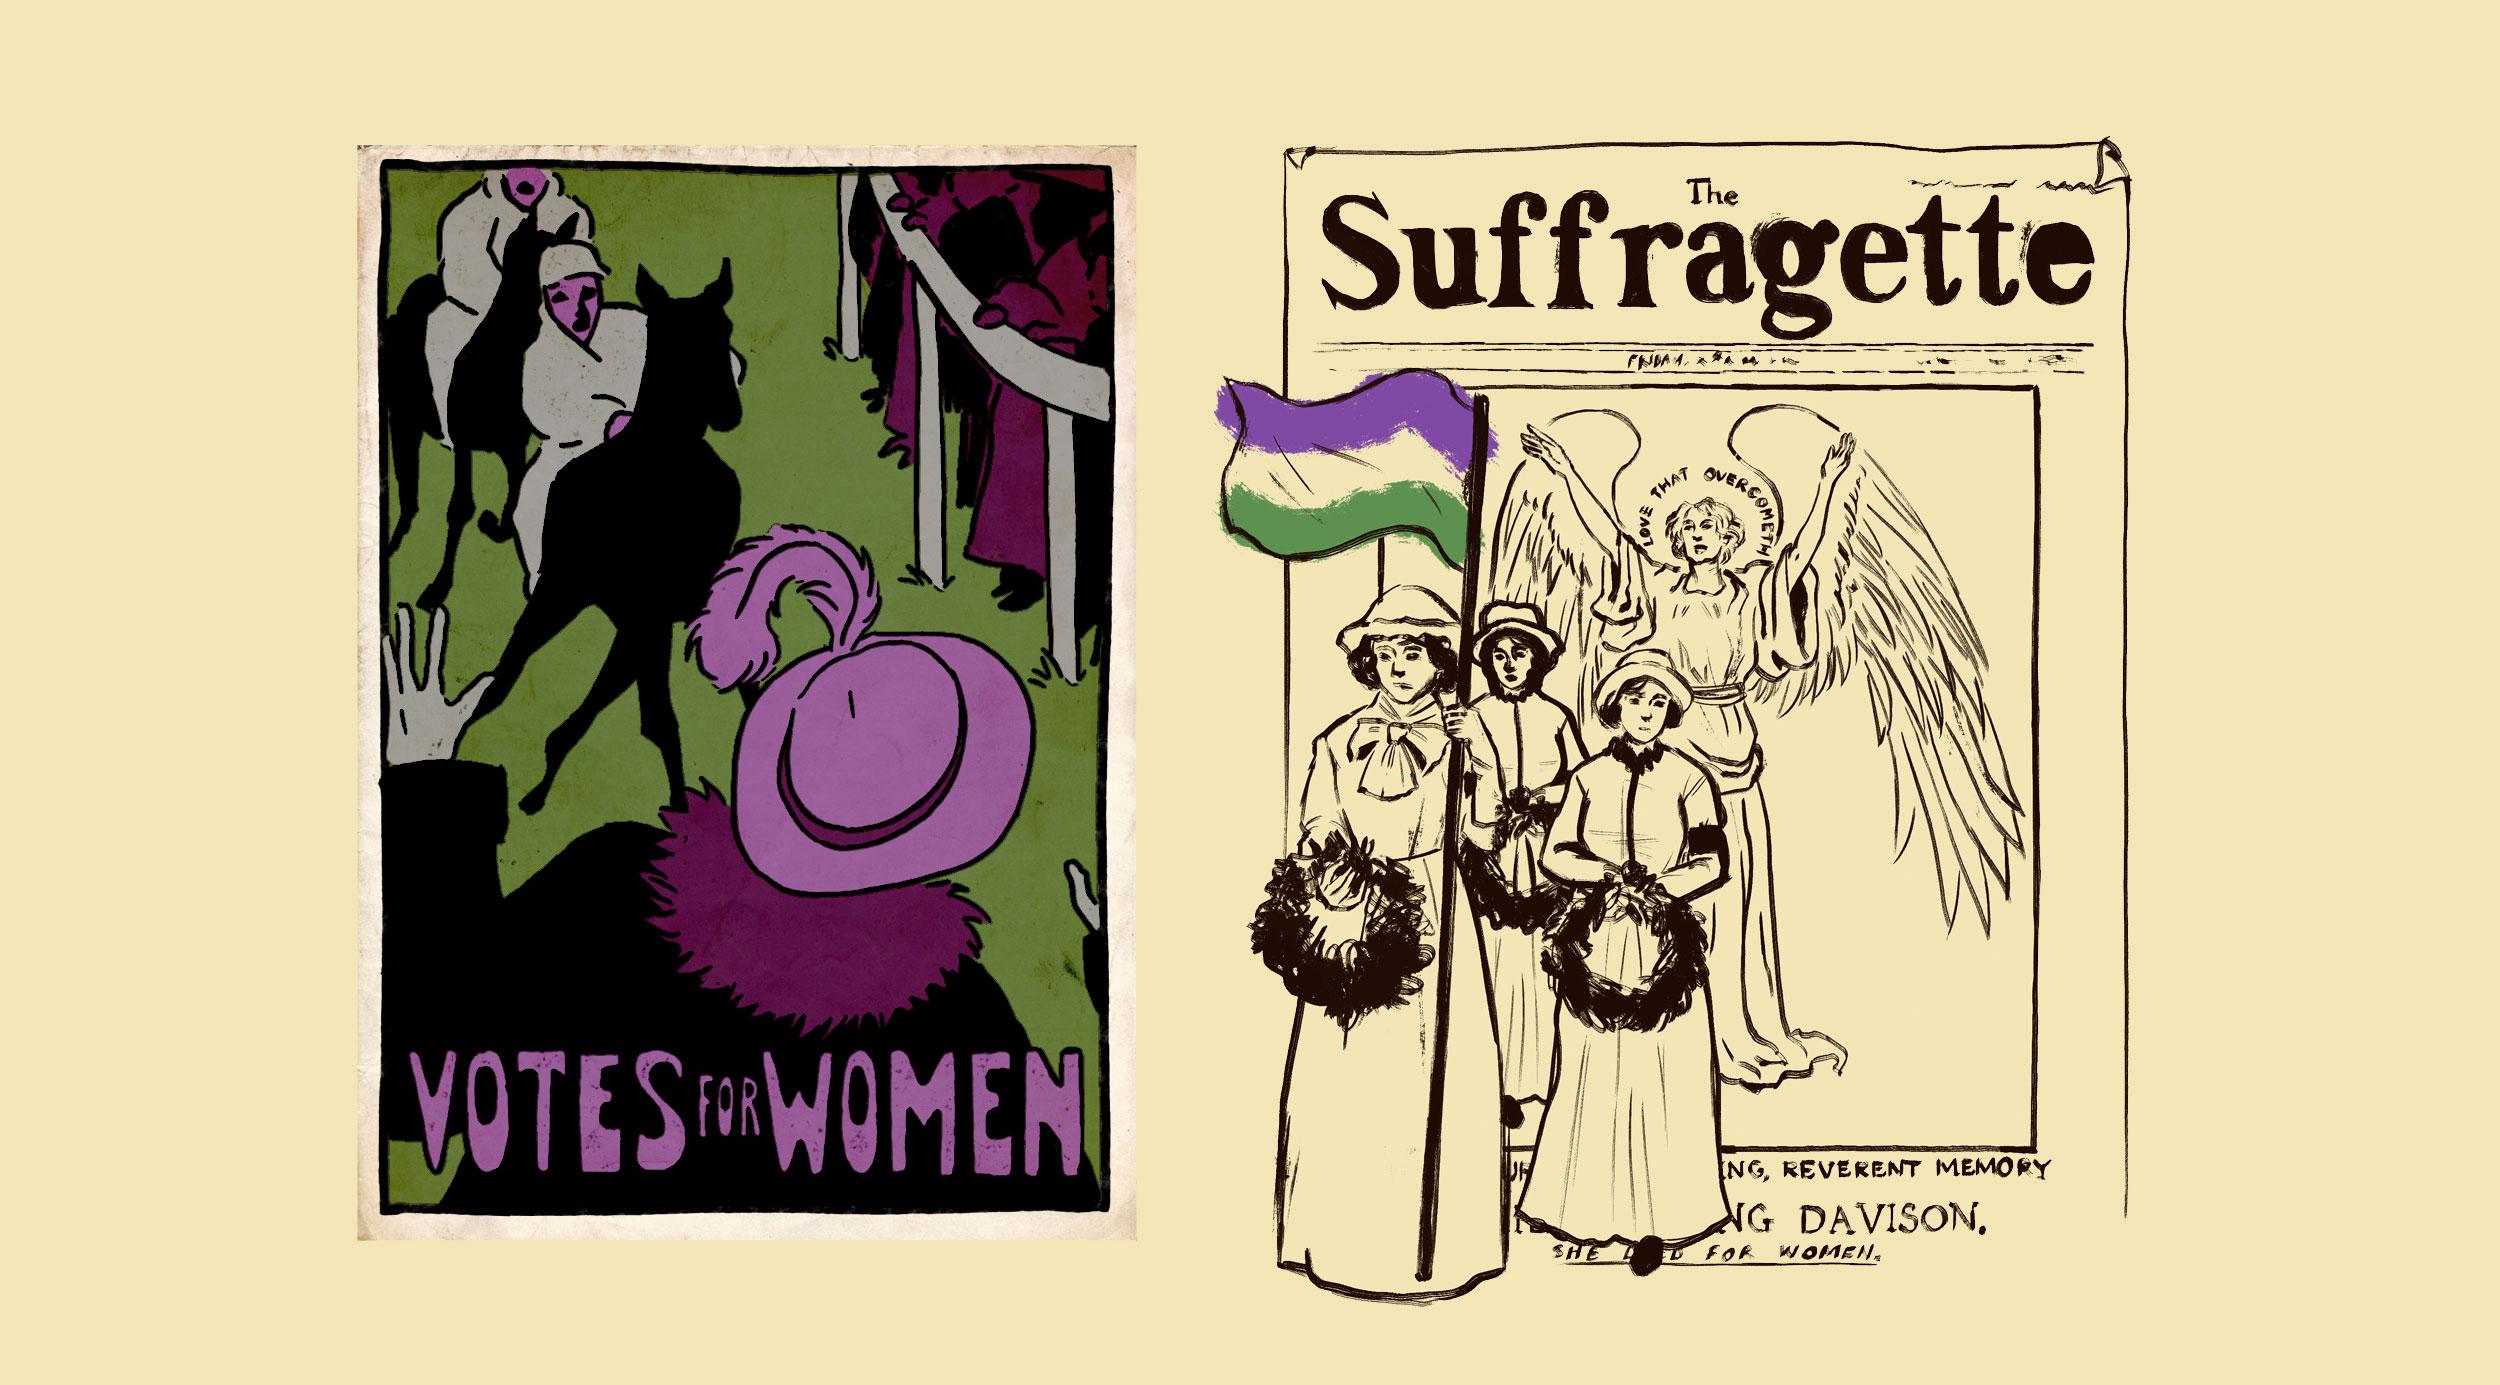 BBC_suffragettes_05.jpg